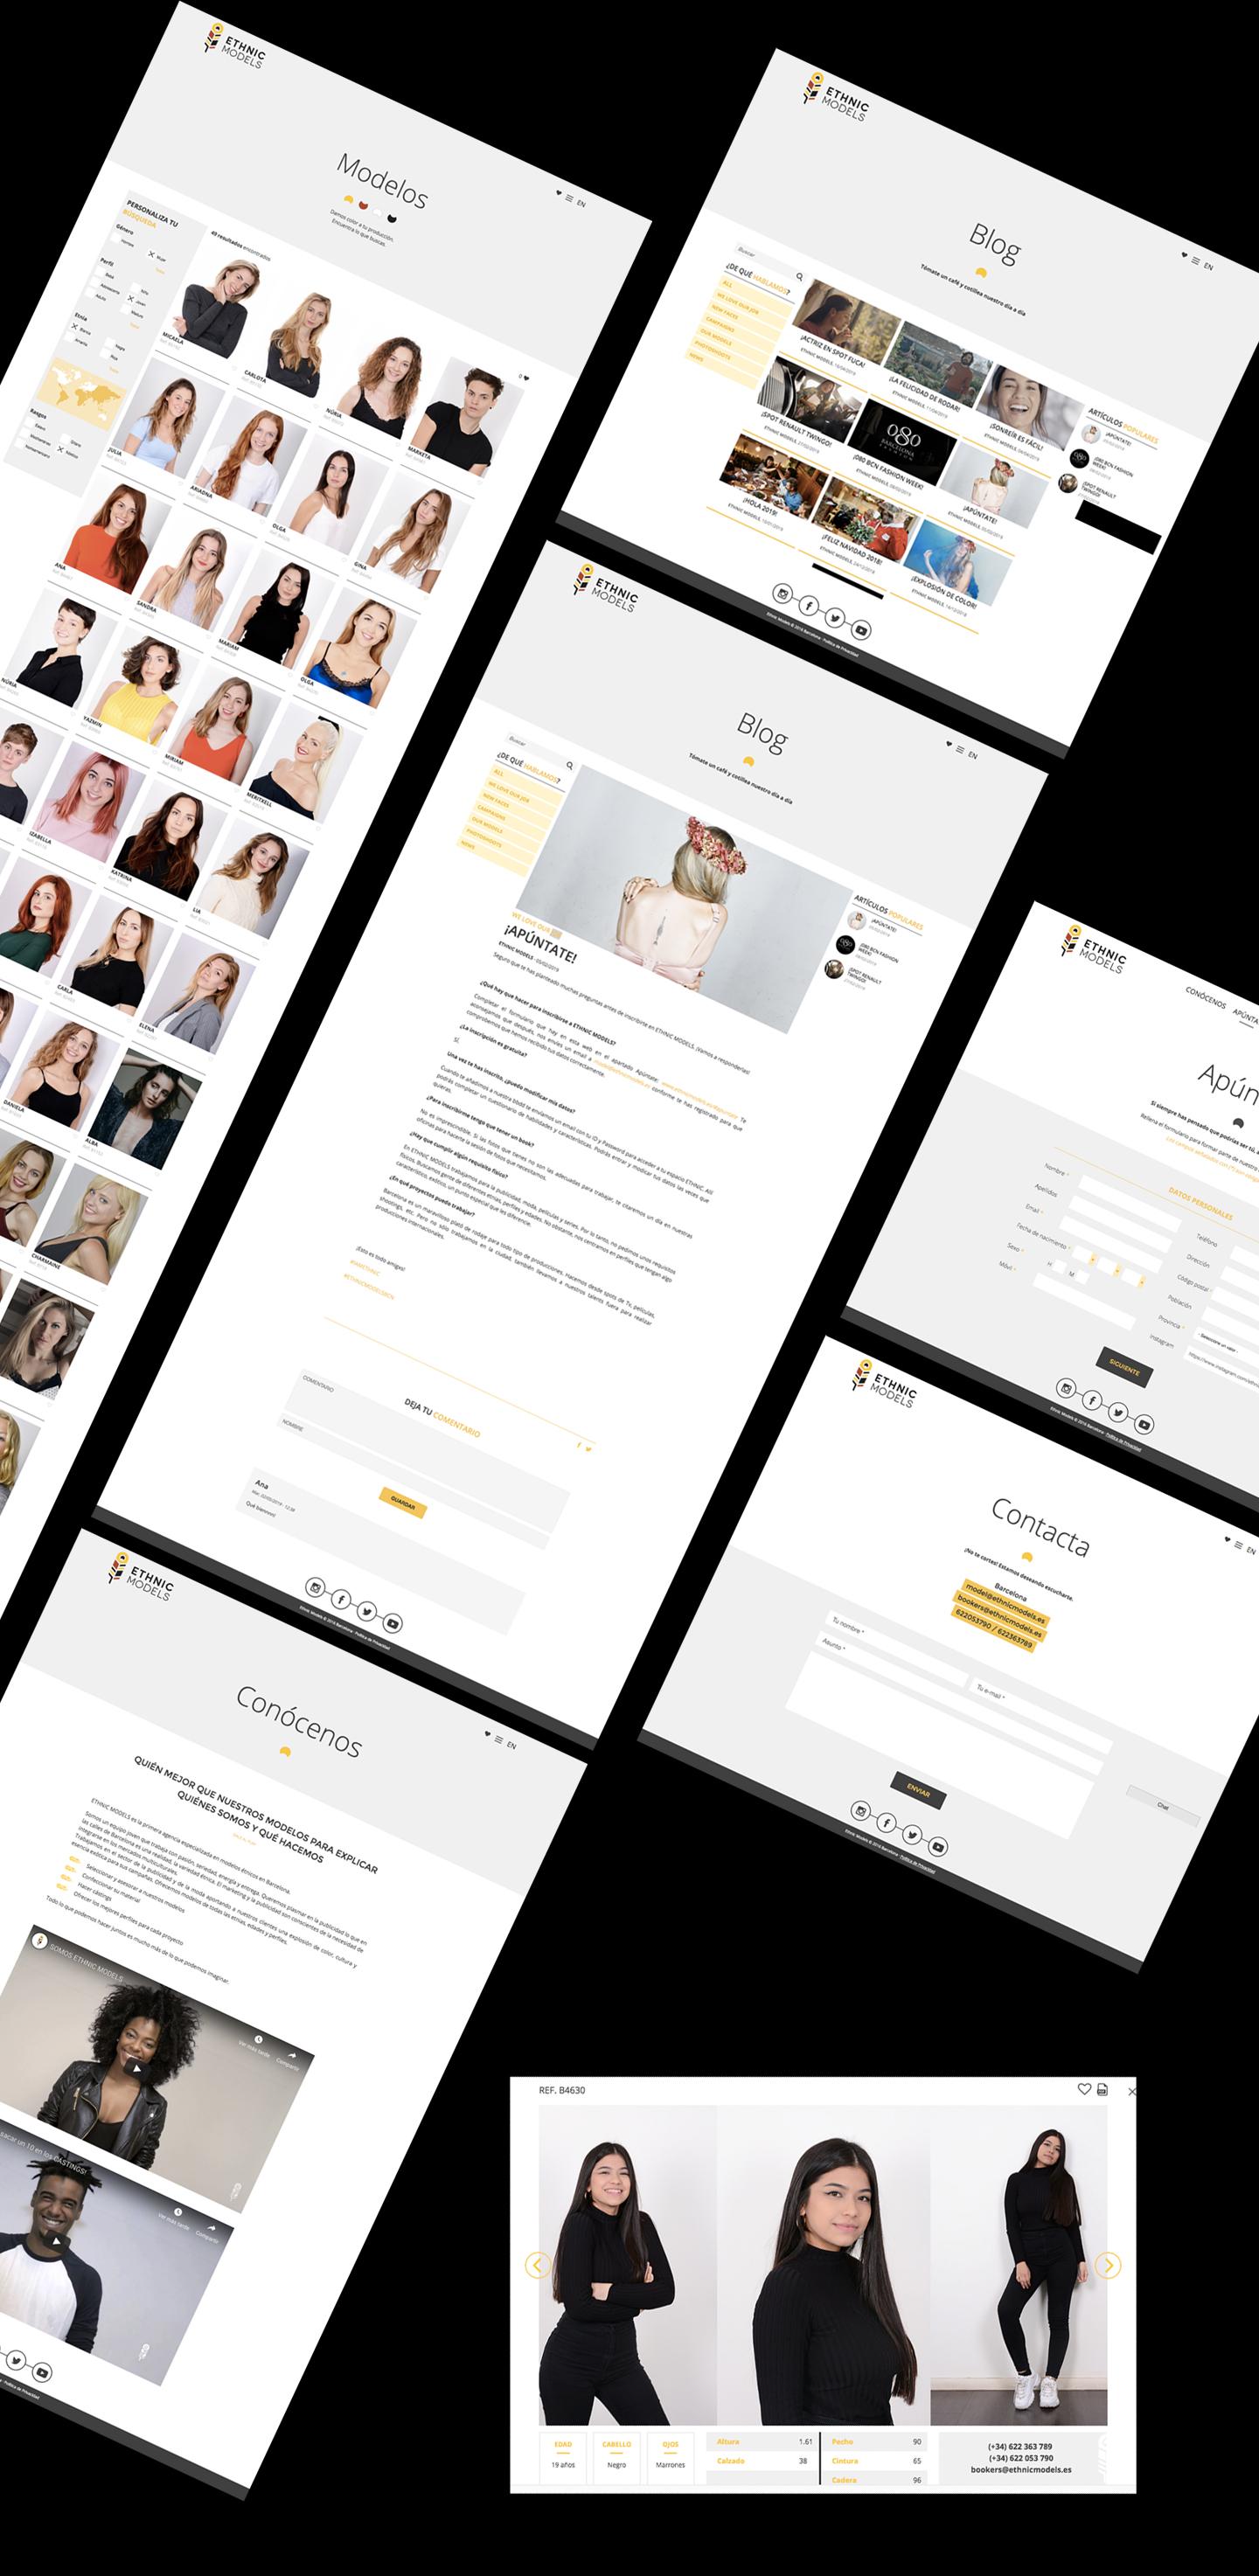 Diseño de web a medida en Barcelona, Murcia, Madrid y Panamá City | Nómadas Comunicación Creativa.